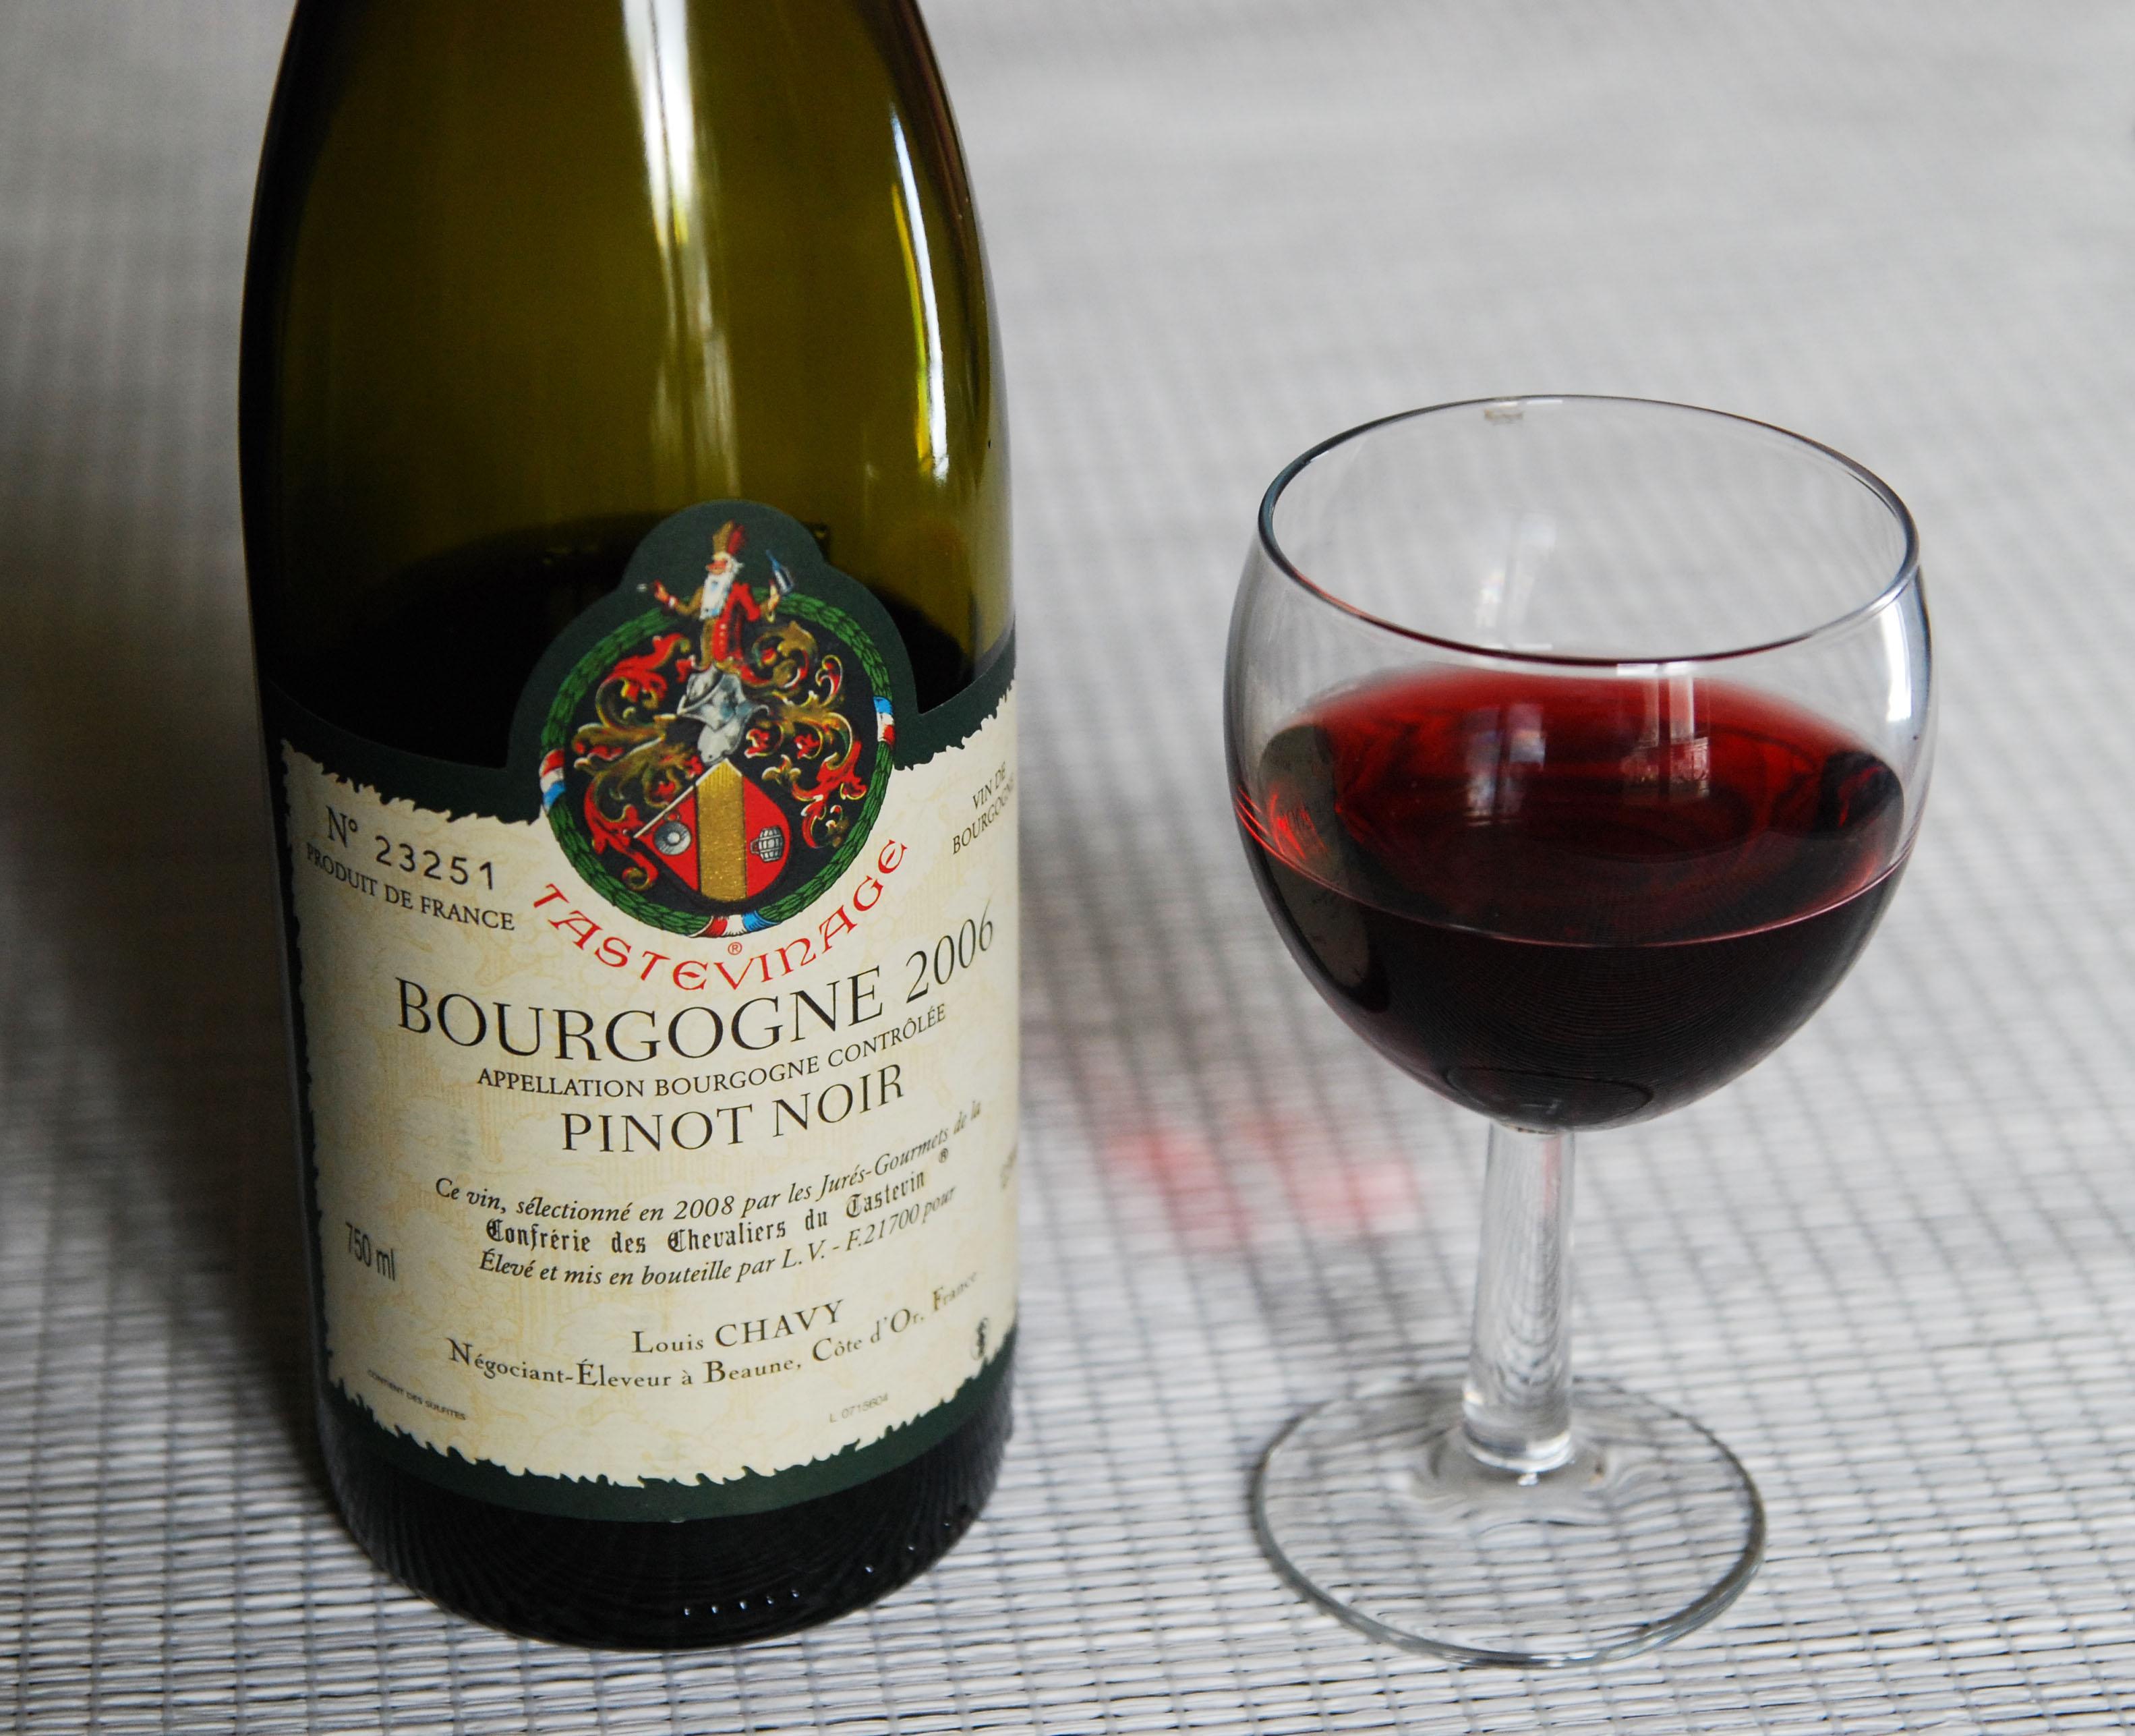 Le vin de bourgogne, le vin que je préfère